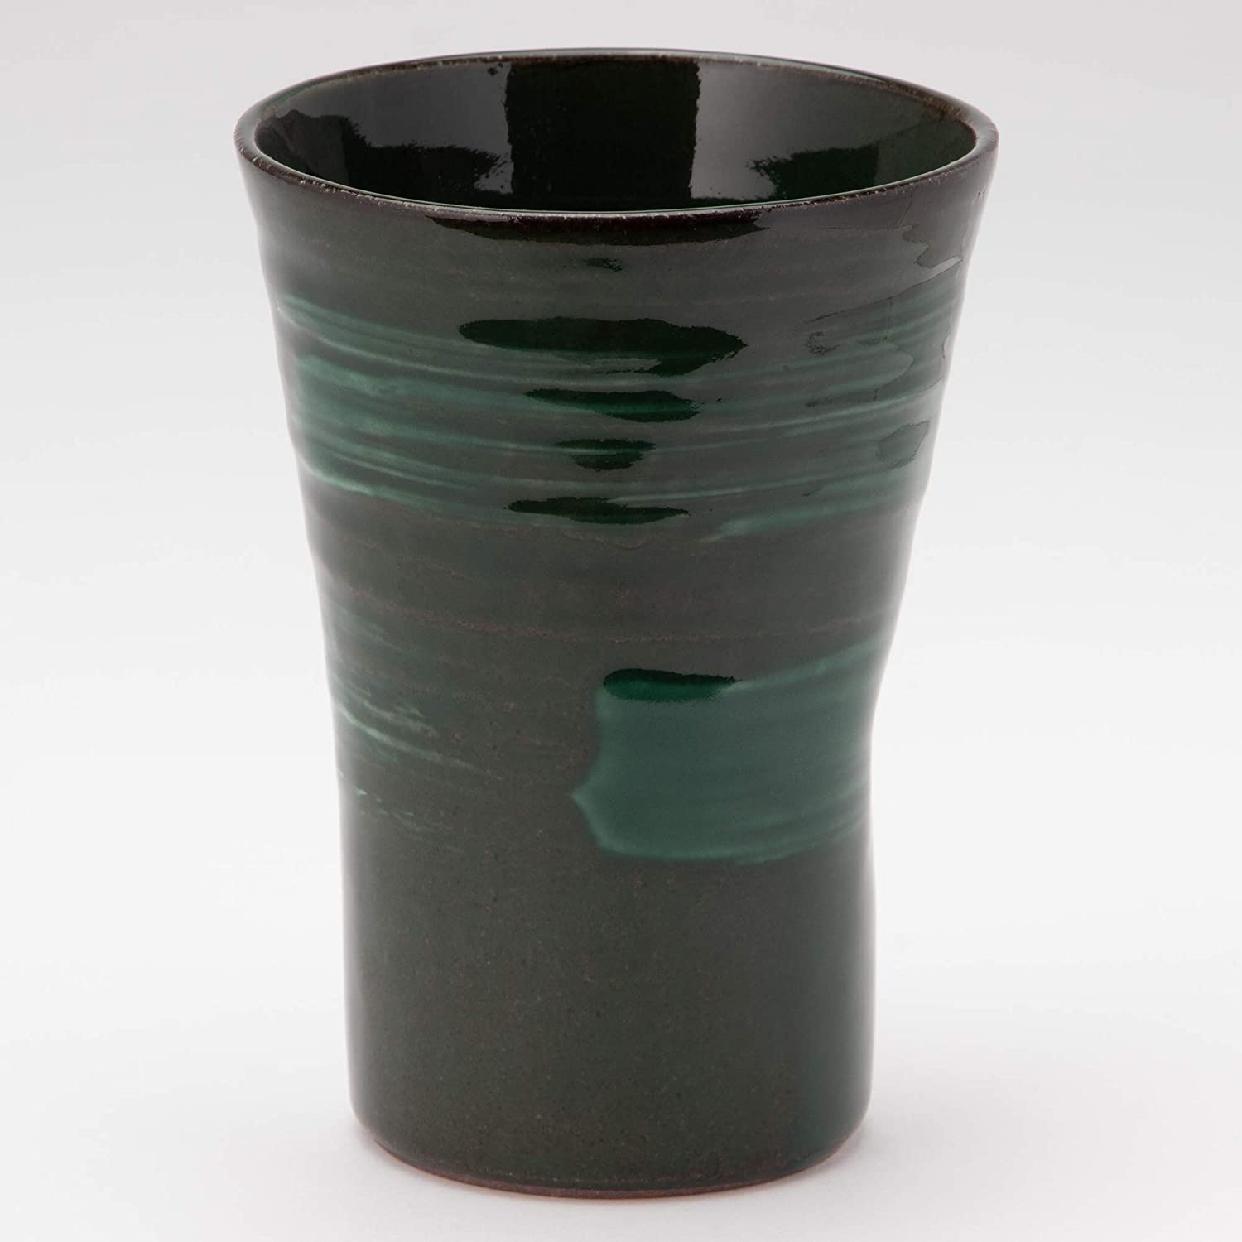 MINO CRAFT.(みのうくらふと)持ち易い焼酎カップ エメラルド K51148の商品画像3